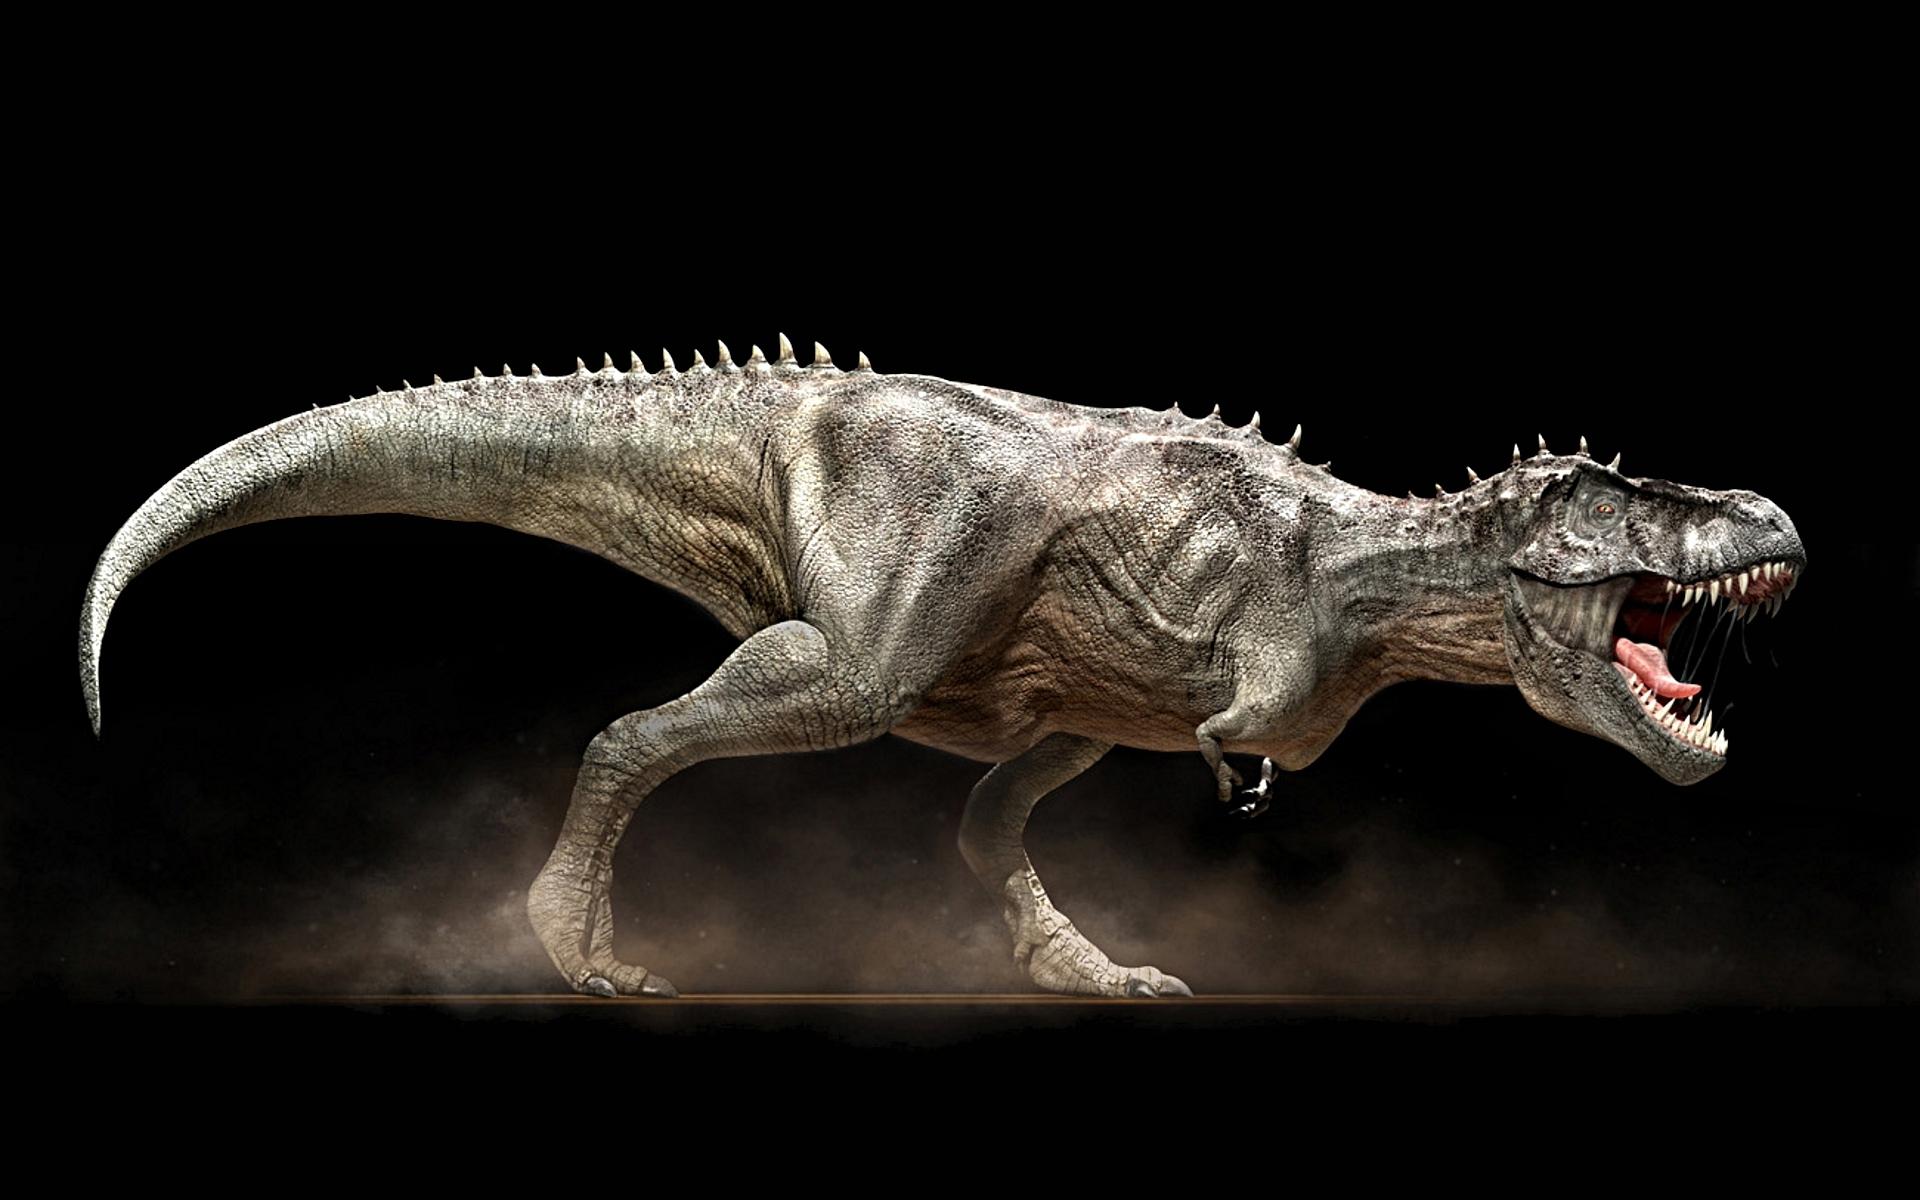 Animal Dinosaur Wallpaper